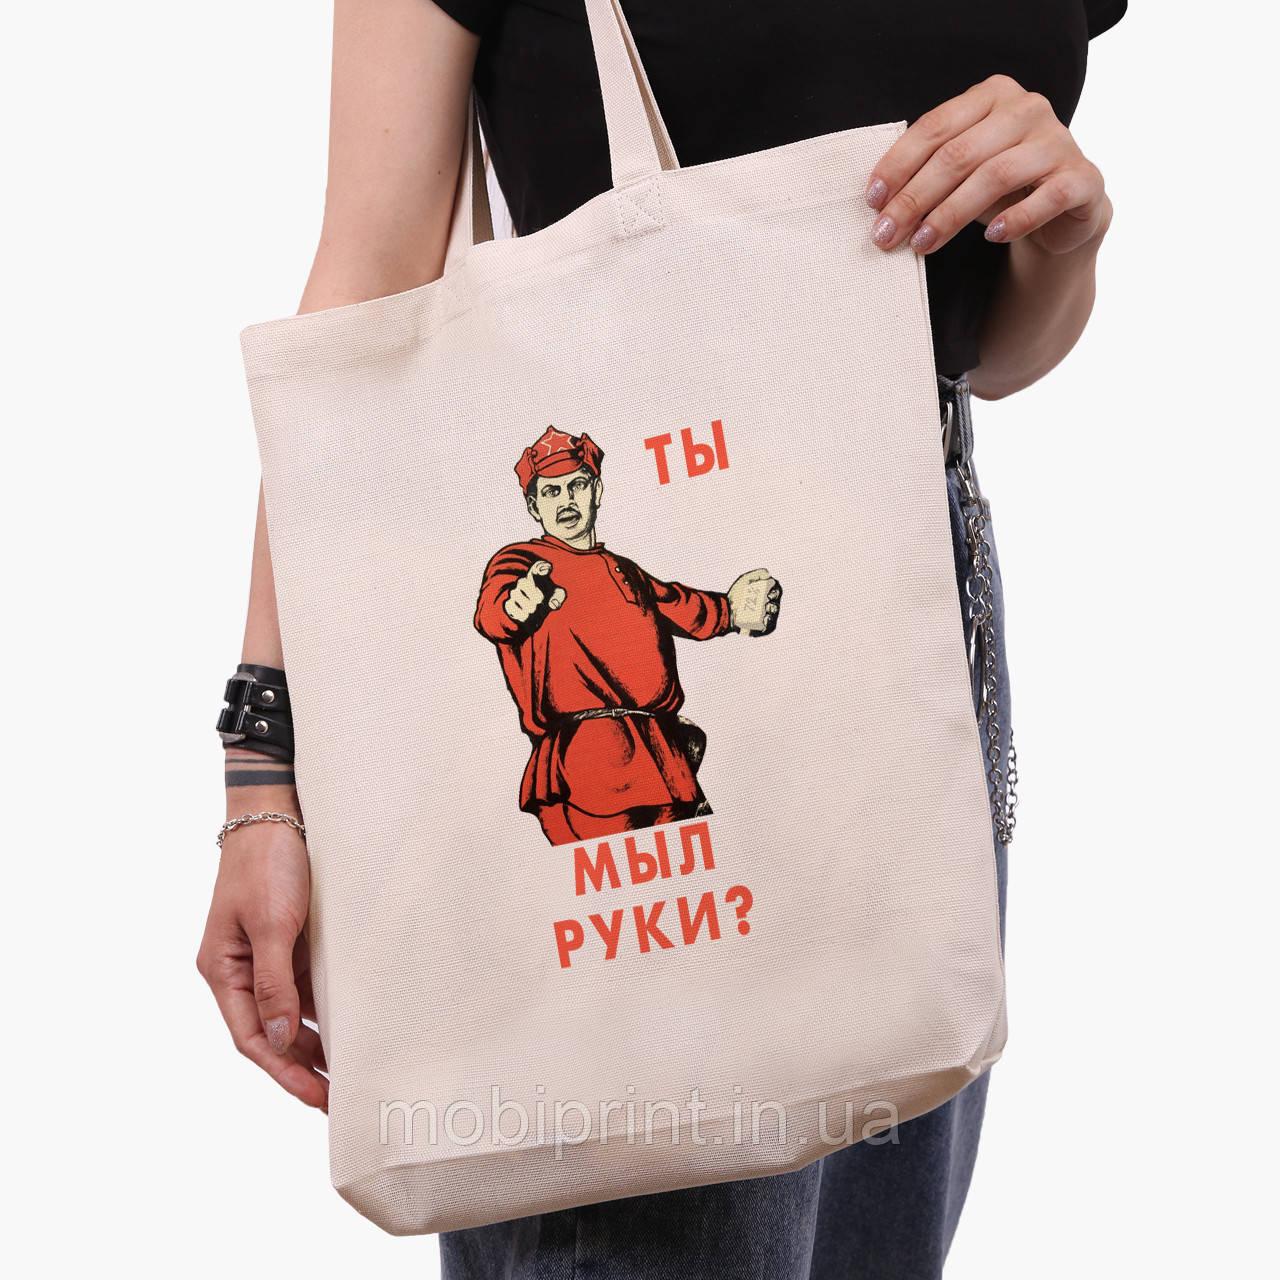 Еко сумка шоппер біла А Ти Мив Руки? (Have you washed your hands?) (9227-1420-1) экосумка шопер 41*39*8 см